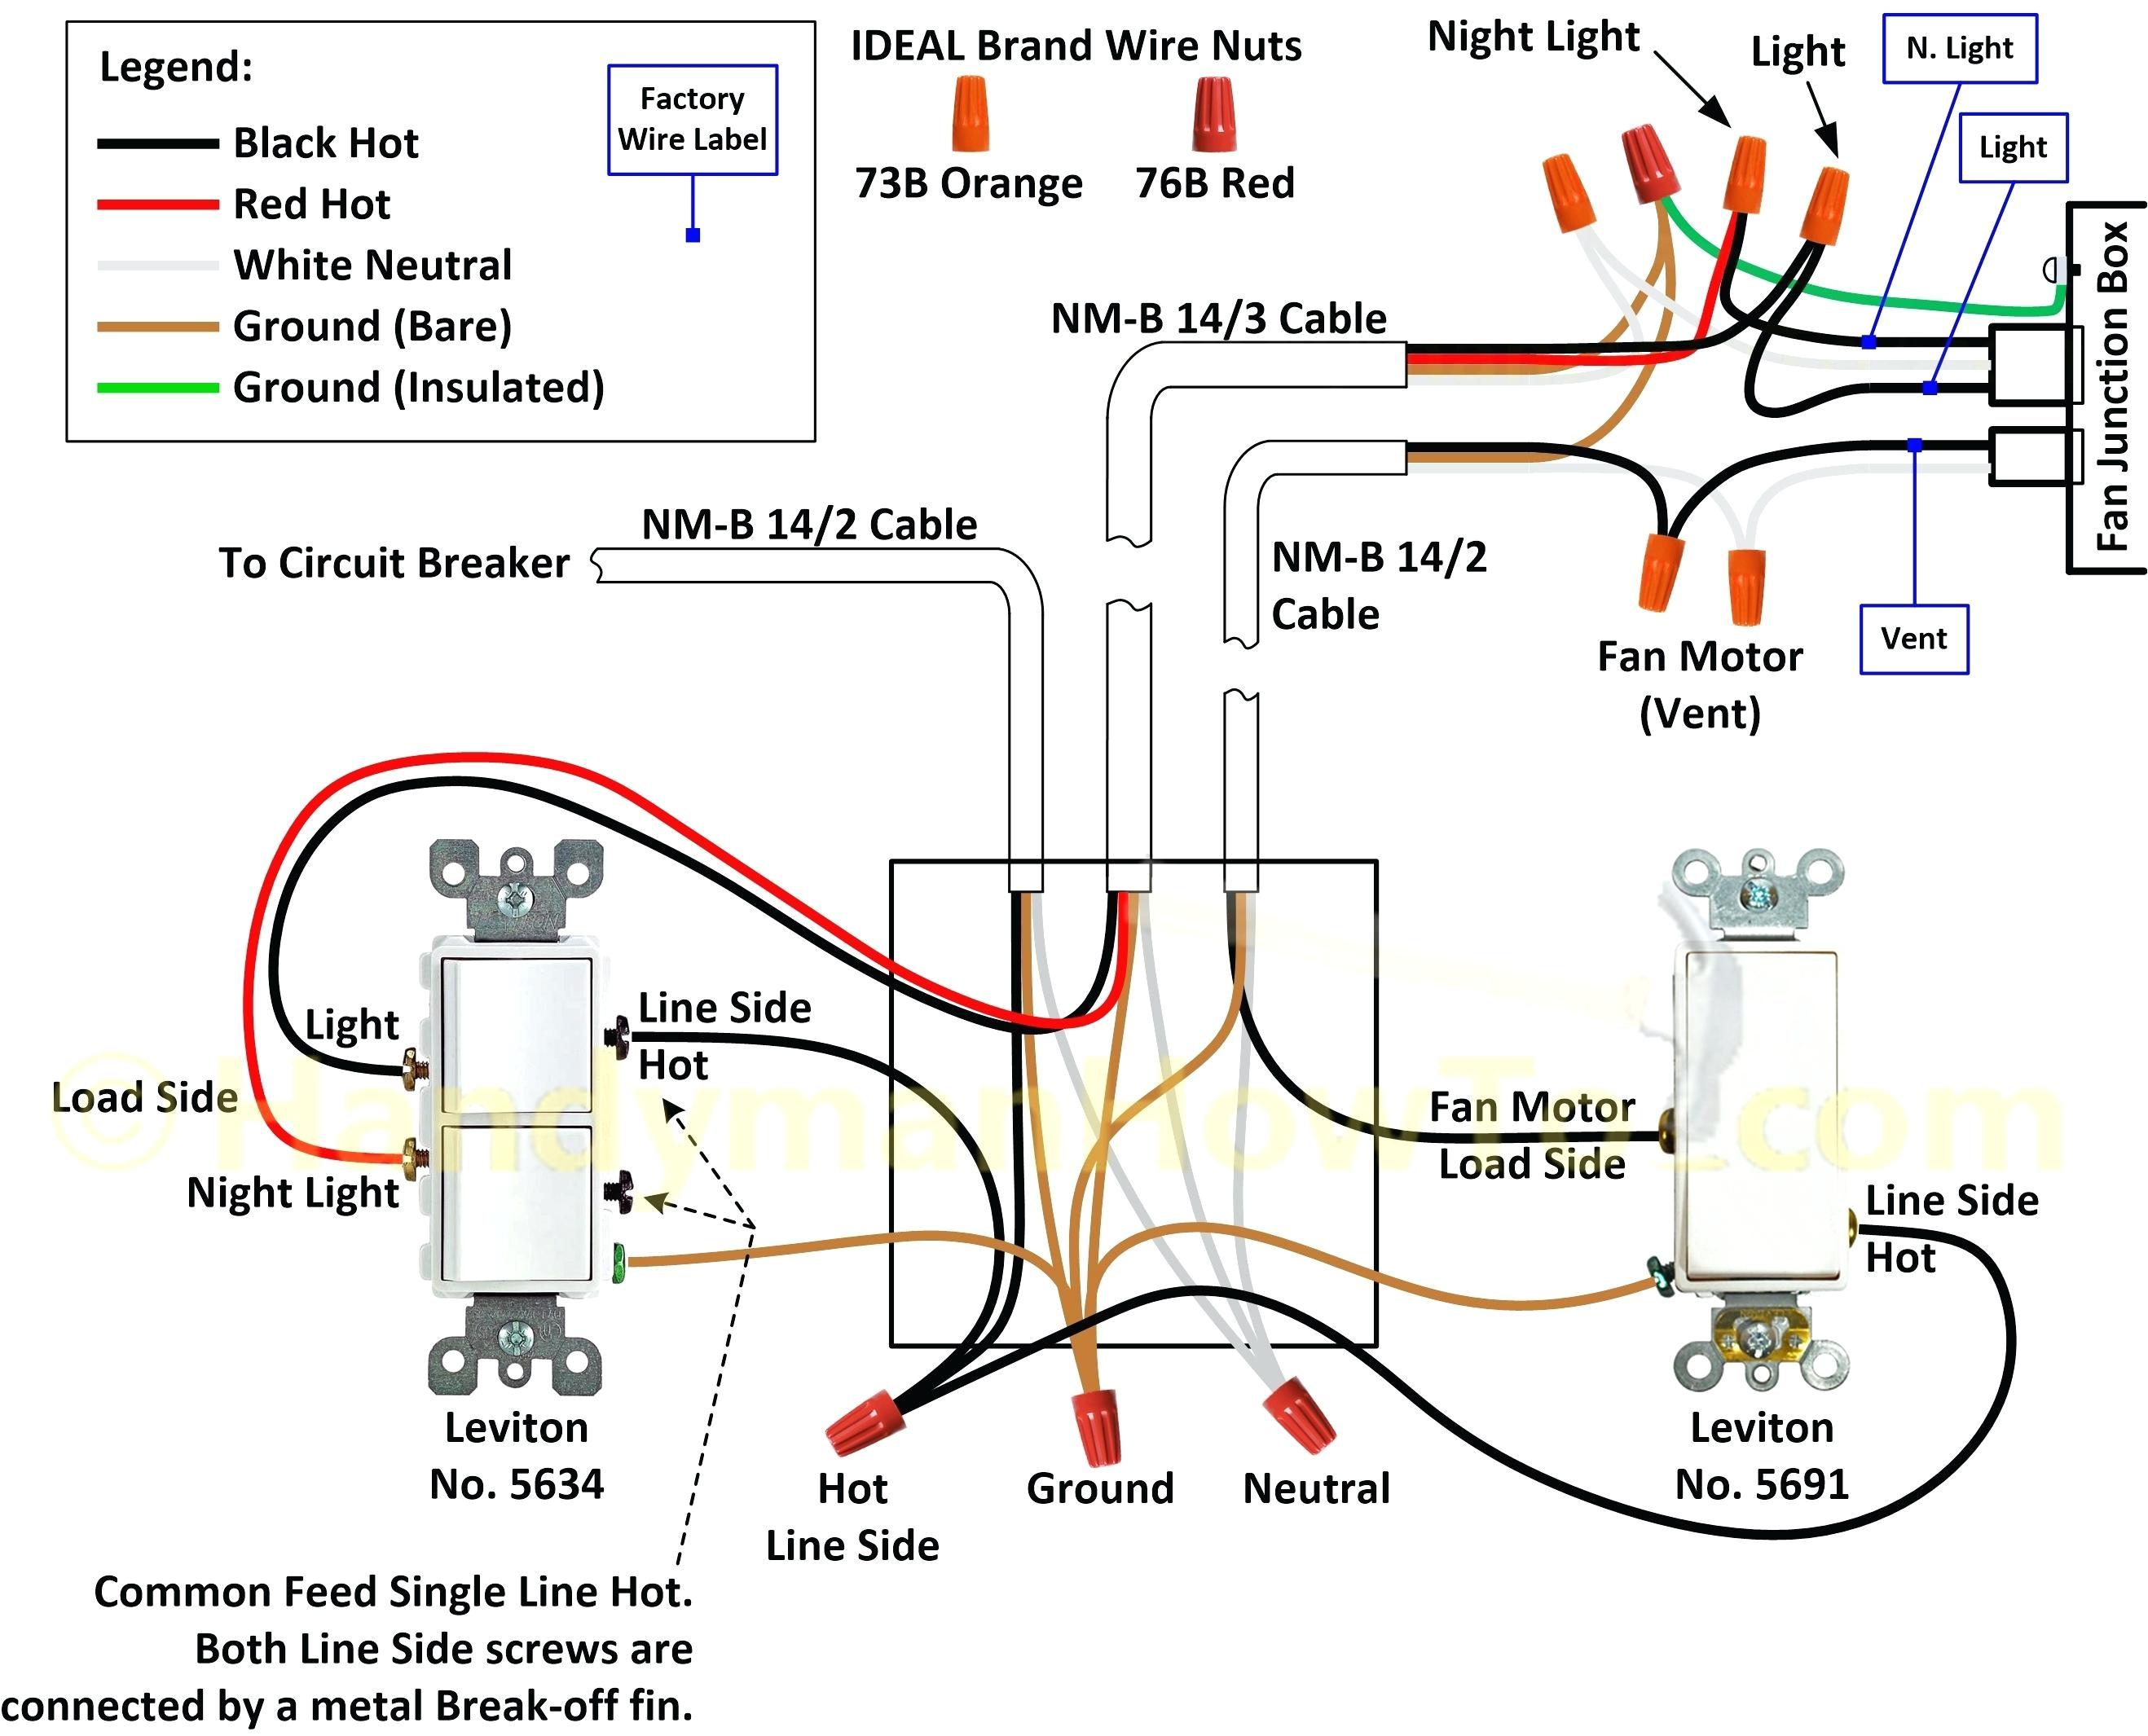 t loop wiring diagram wiring diagram showt loop wiring diagram wiring diagram article review t loop